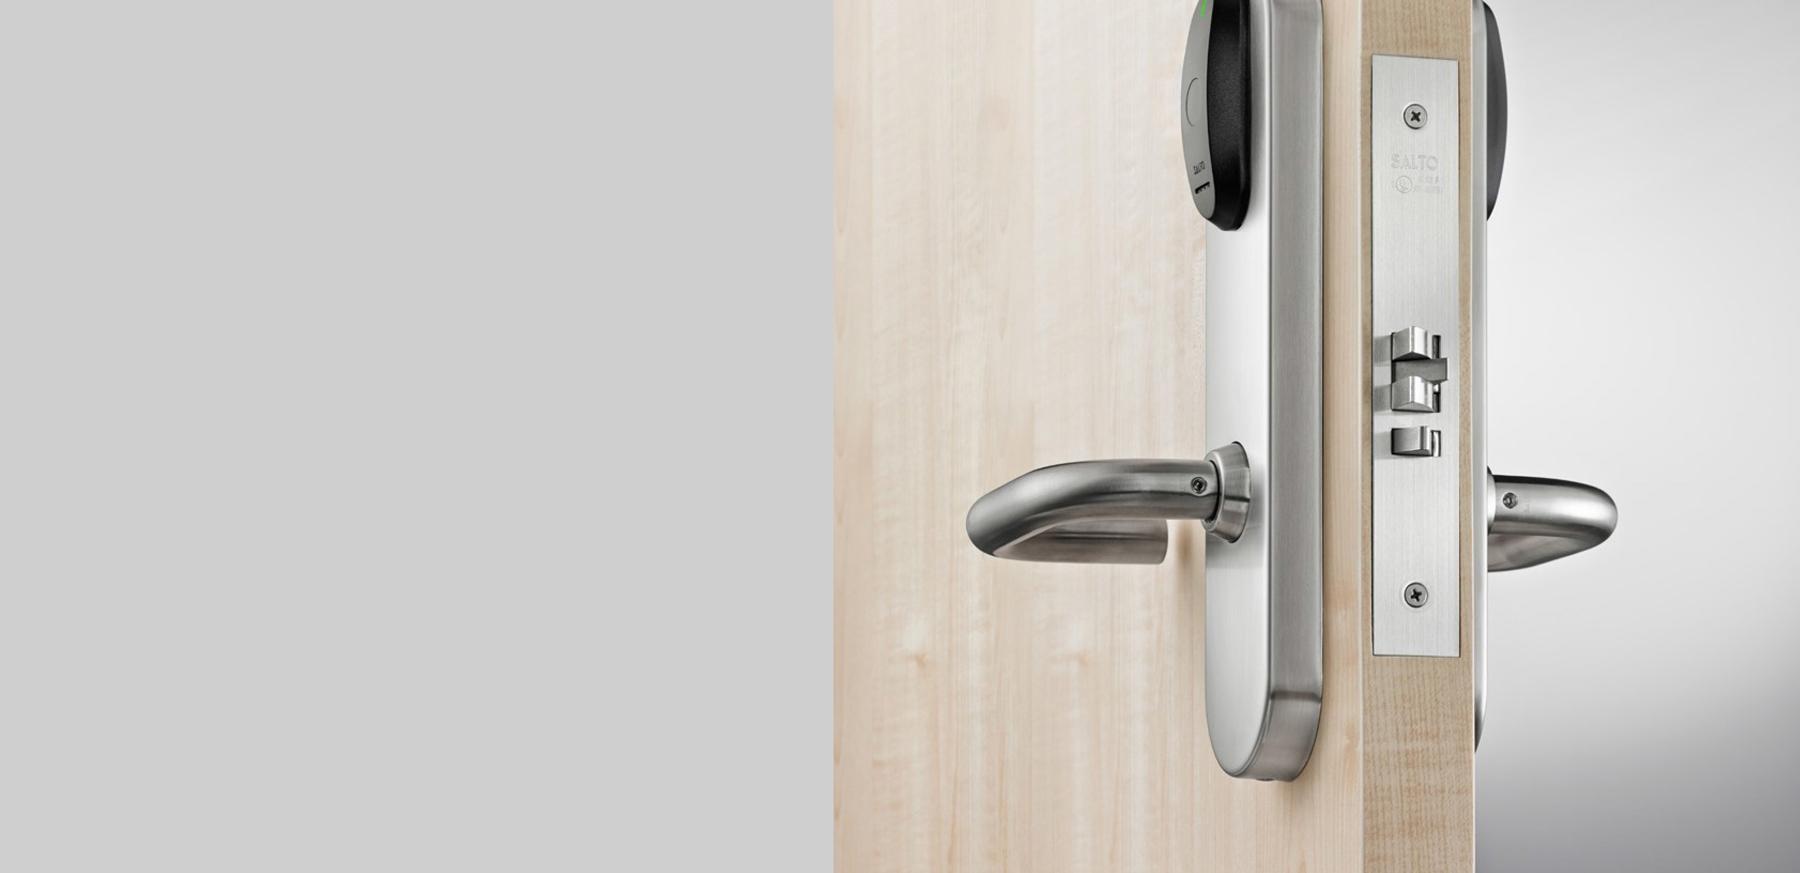 5 Hal Penting Yang Harus Anda Tahu Saat Membeli Handle Pintu Kunci Kamar Mandi Tips Trick